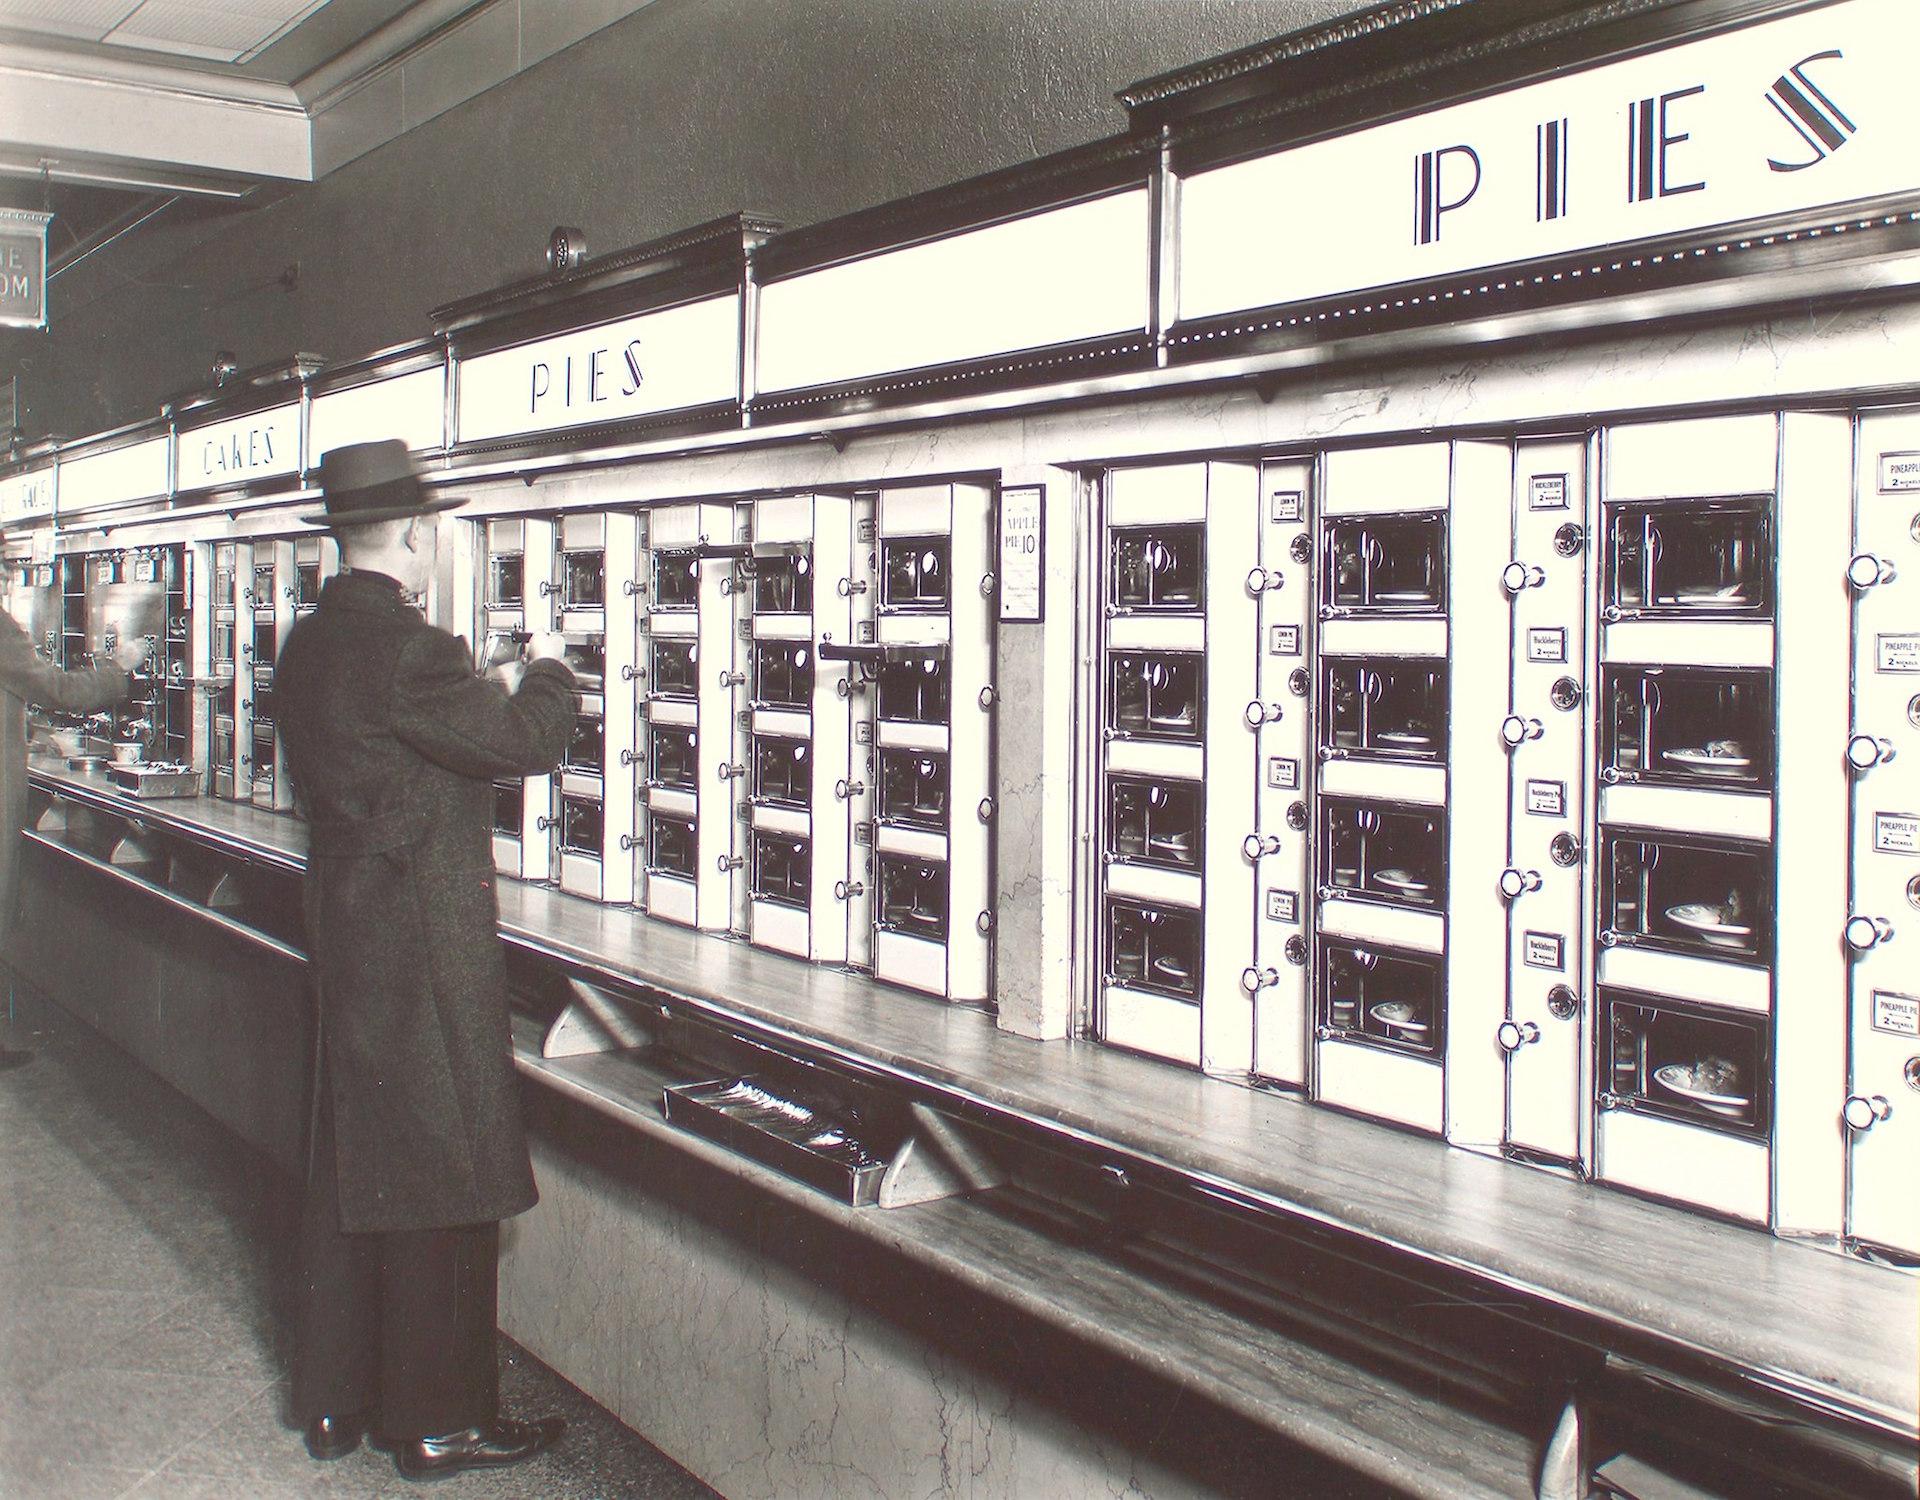 Criação das Vending Machines